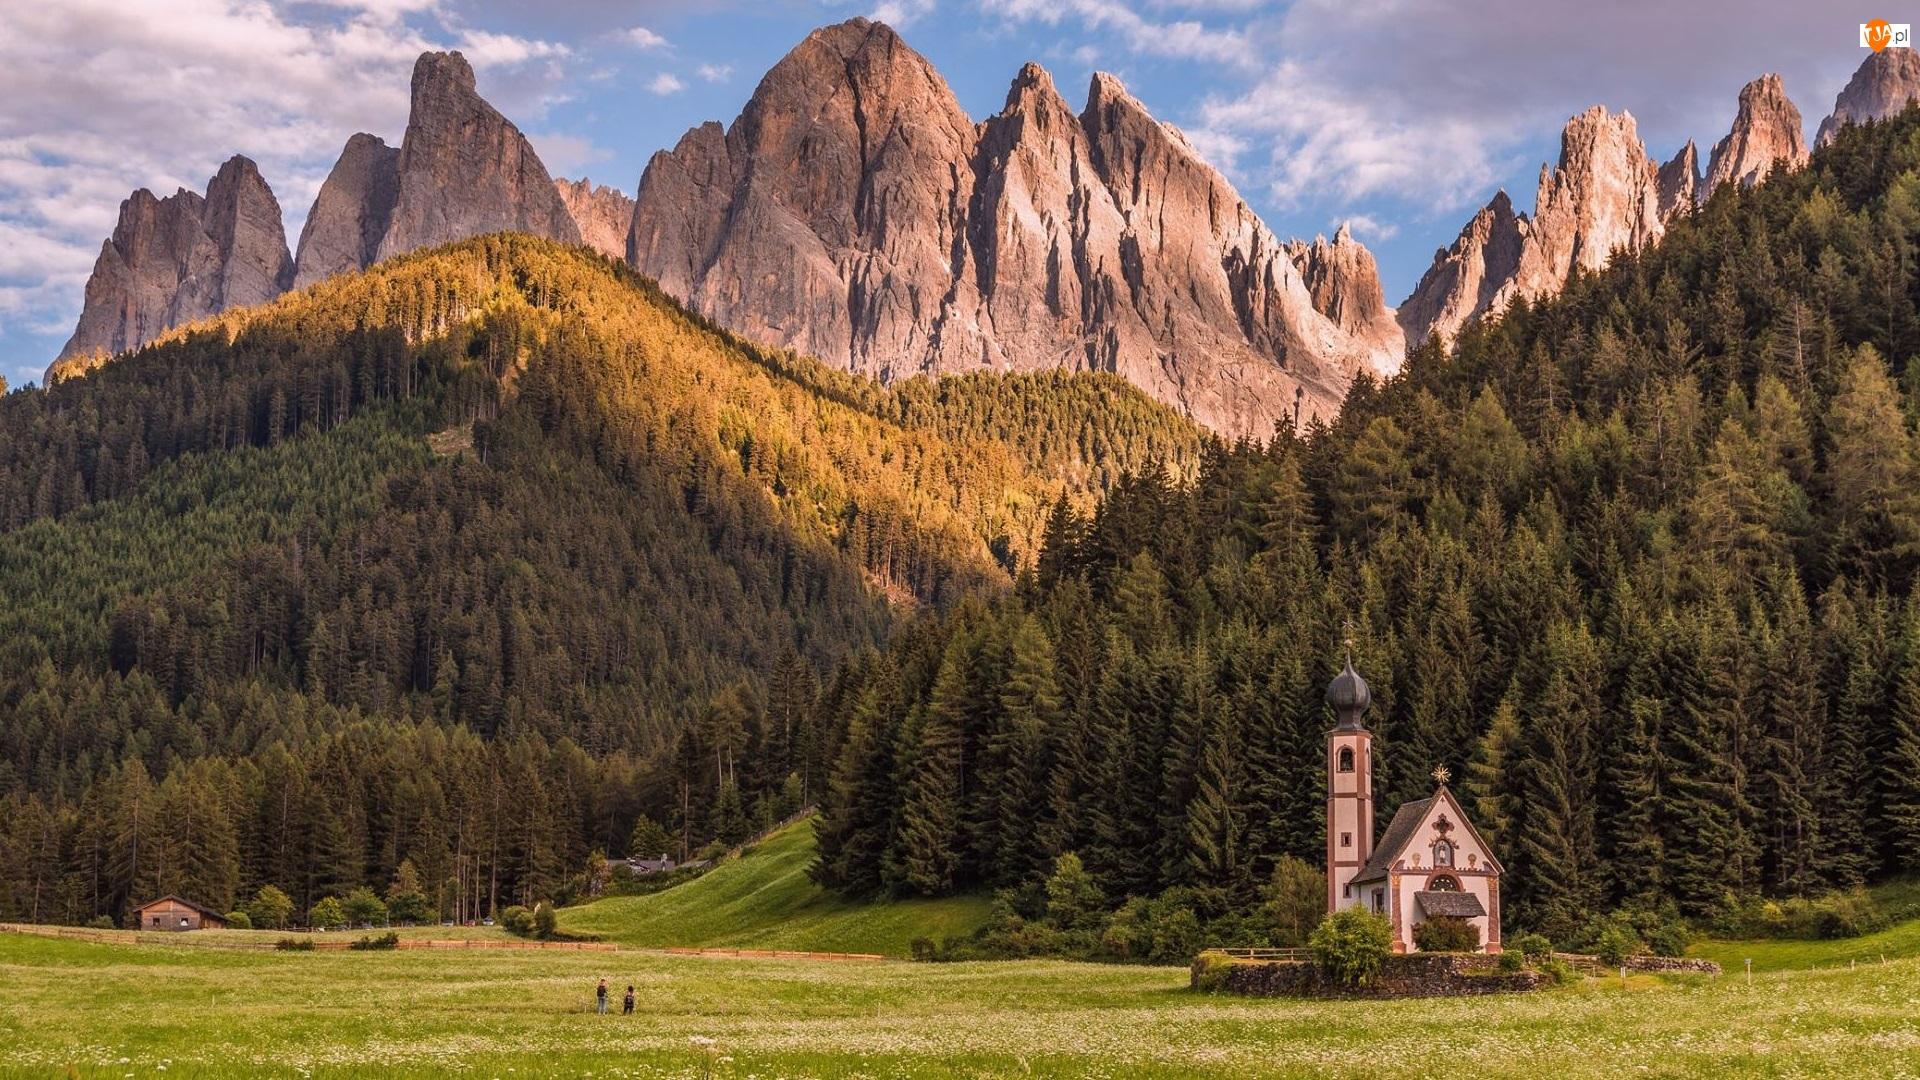 Łąka, Santa Maddalena, Dolina Val di Funes, Wieś, Południowy Tyrol, Włochy, Dolomity, Góry, Kościół św Jana, Drzewa